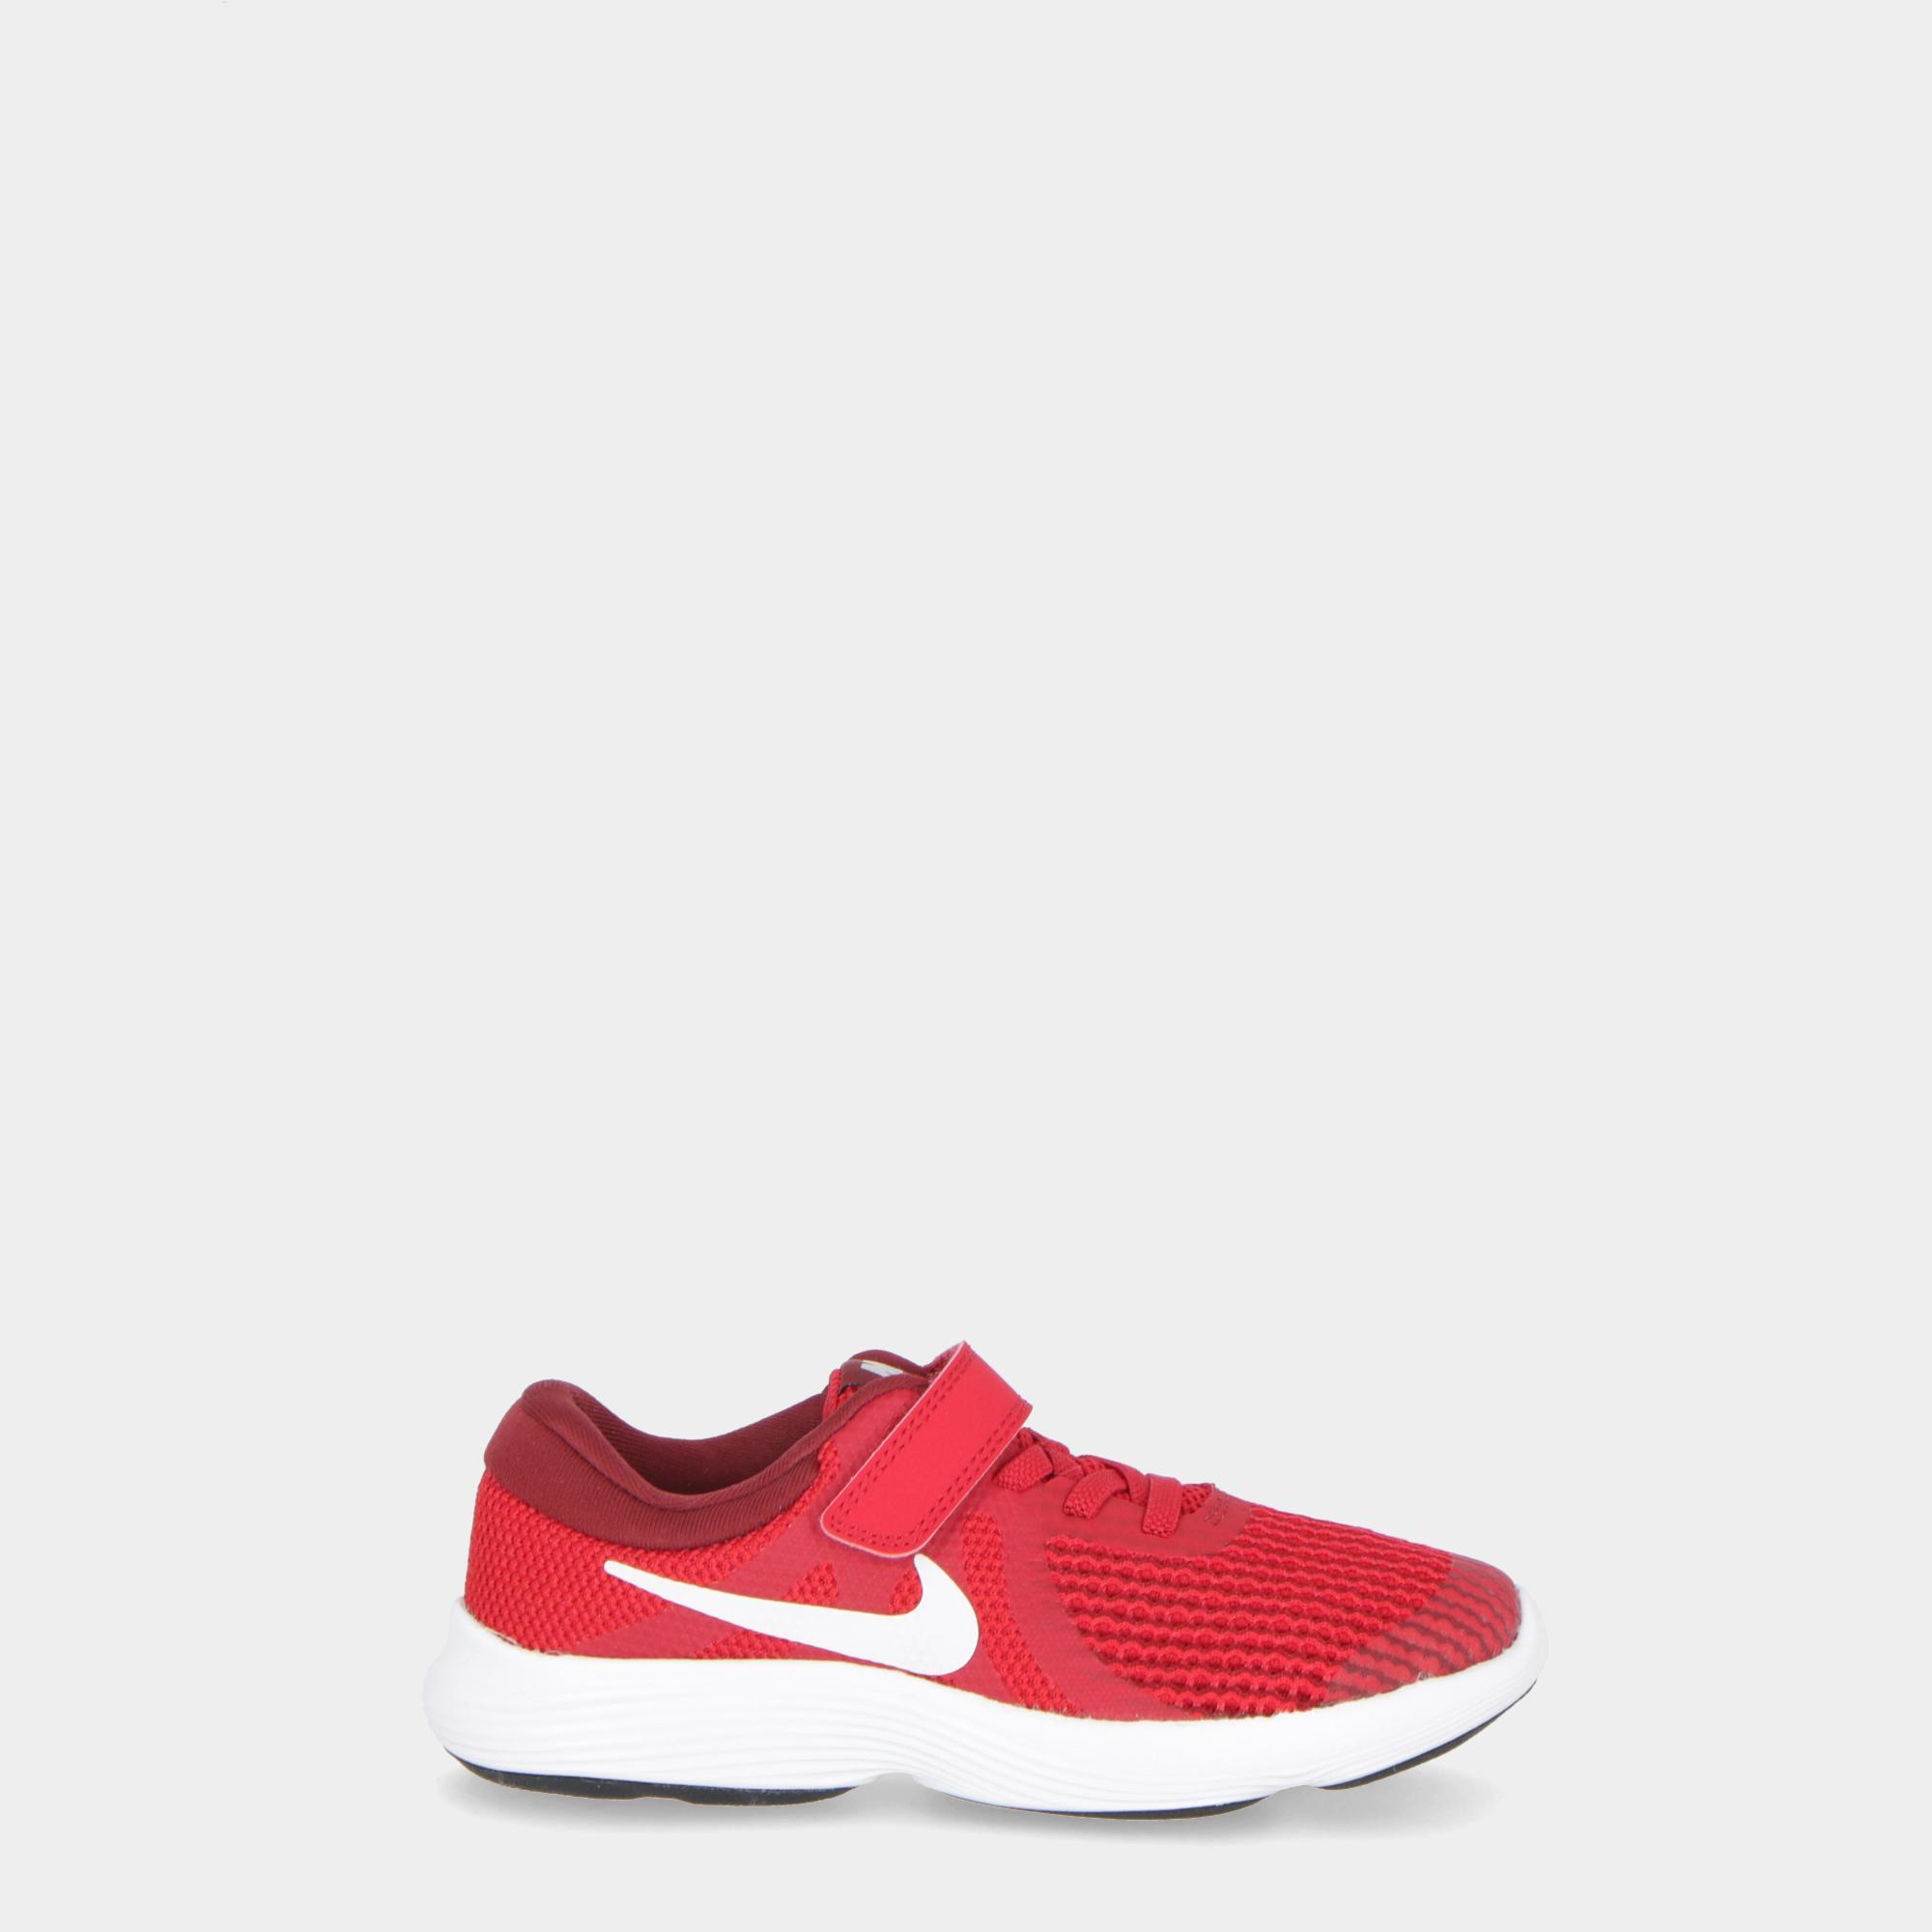 buy popular 0b8c2 b81b0 Nike Revolution 4 (psv) GYMRED WHITE